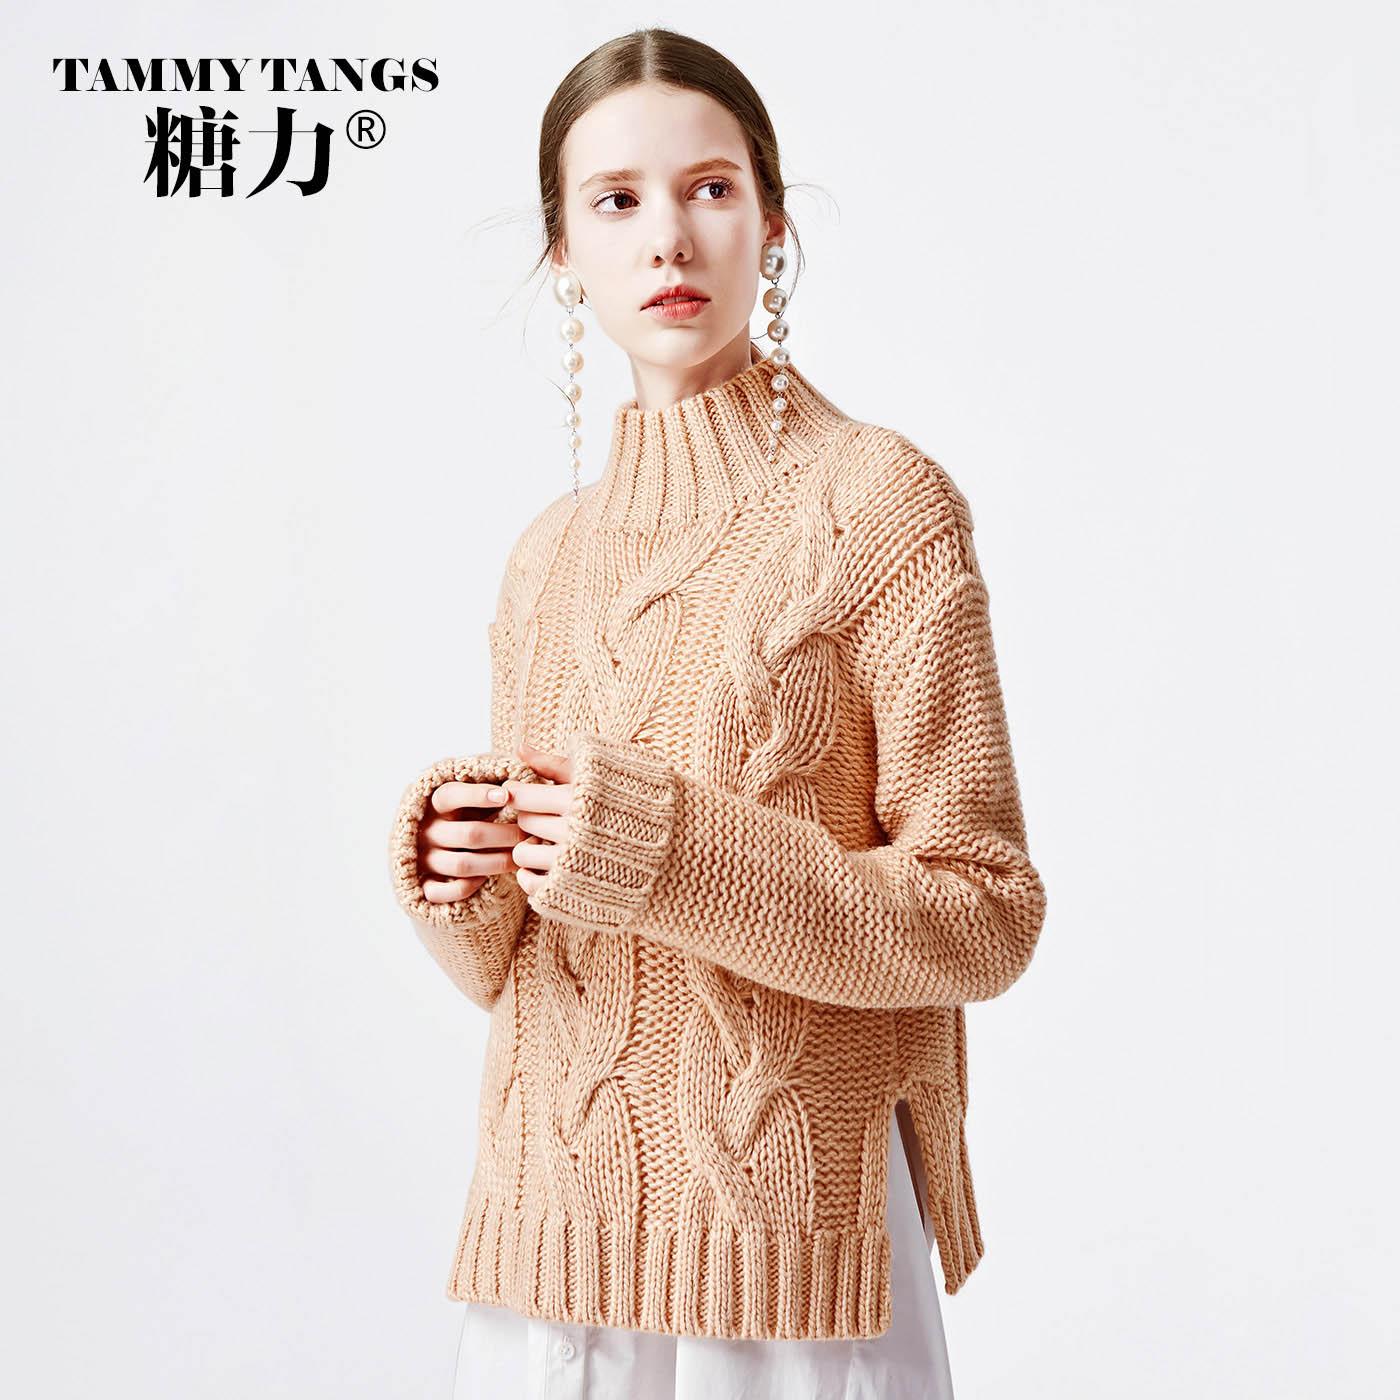 糖力2017秋冬装新款橘色宽松套头半高领针织衫粗线麻花毛衣女加厚